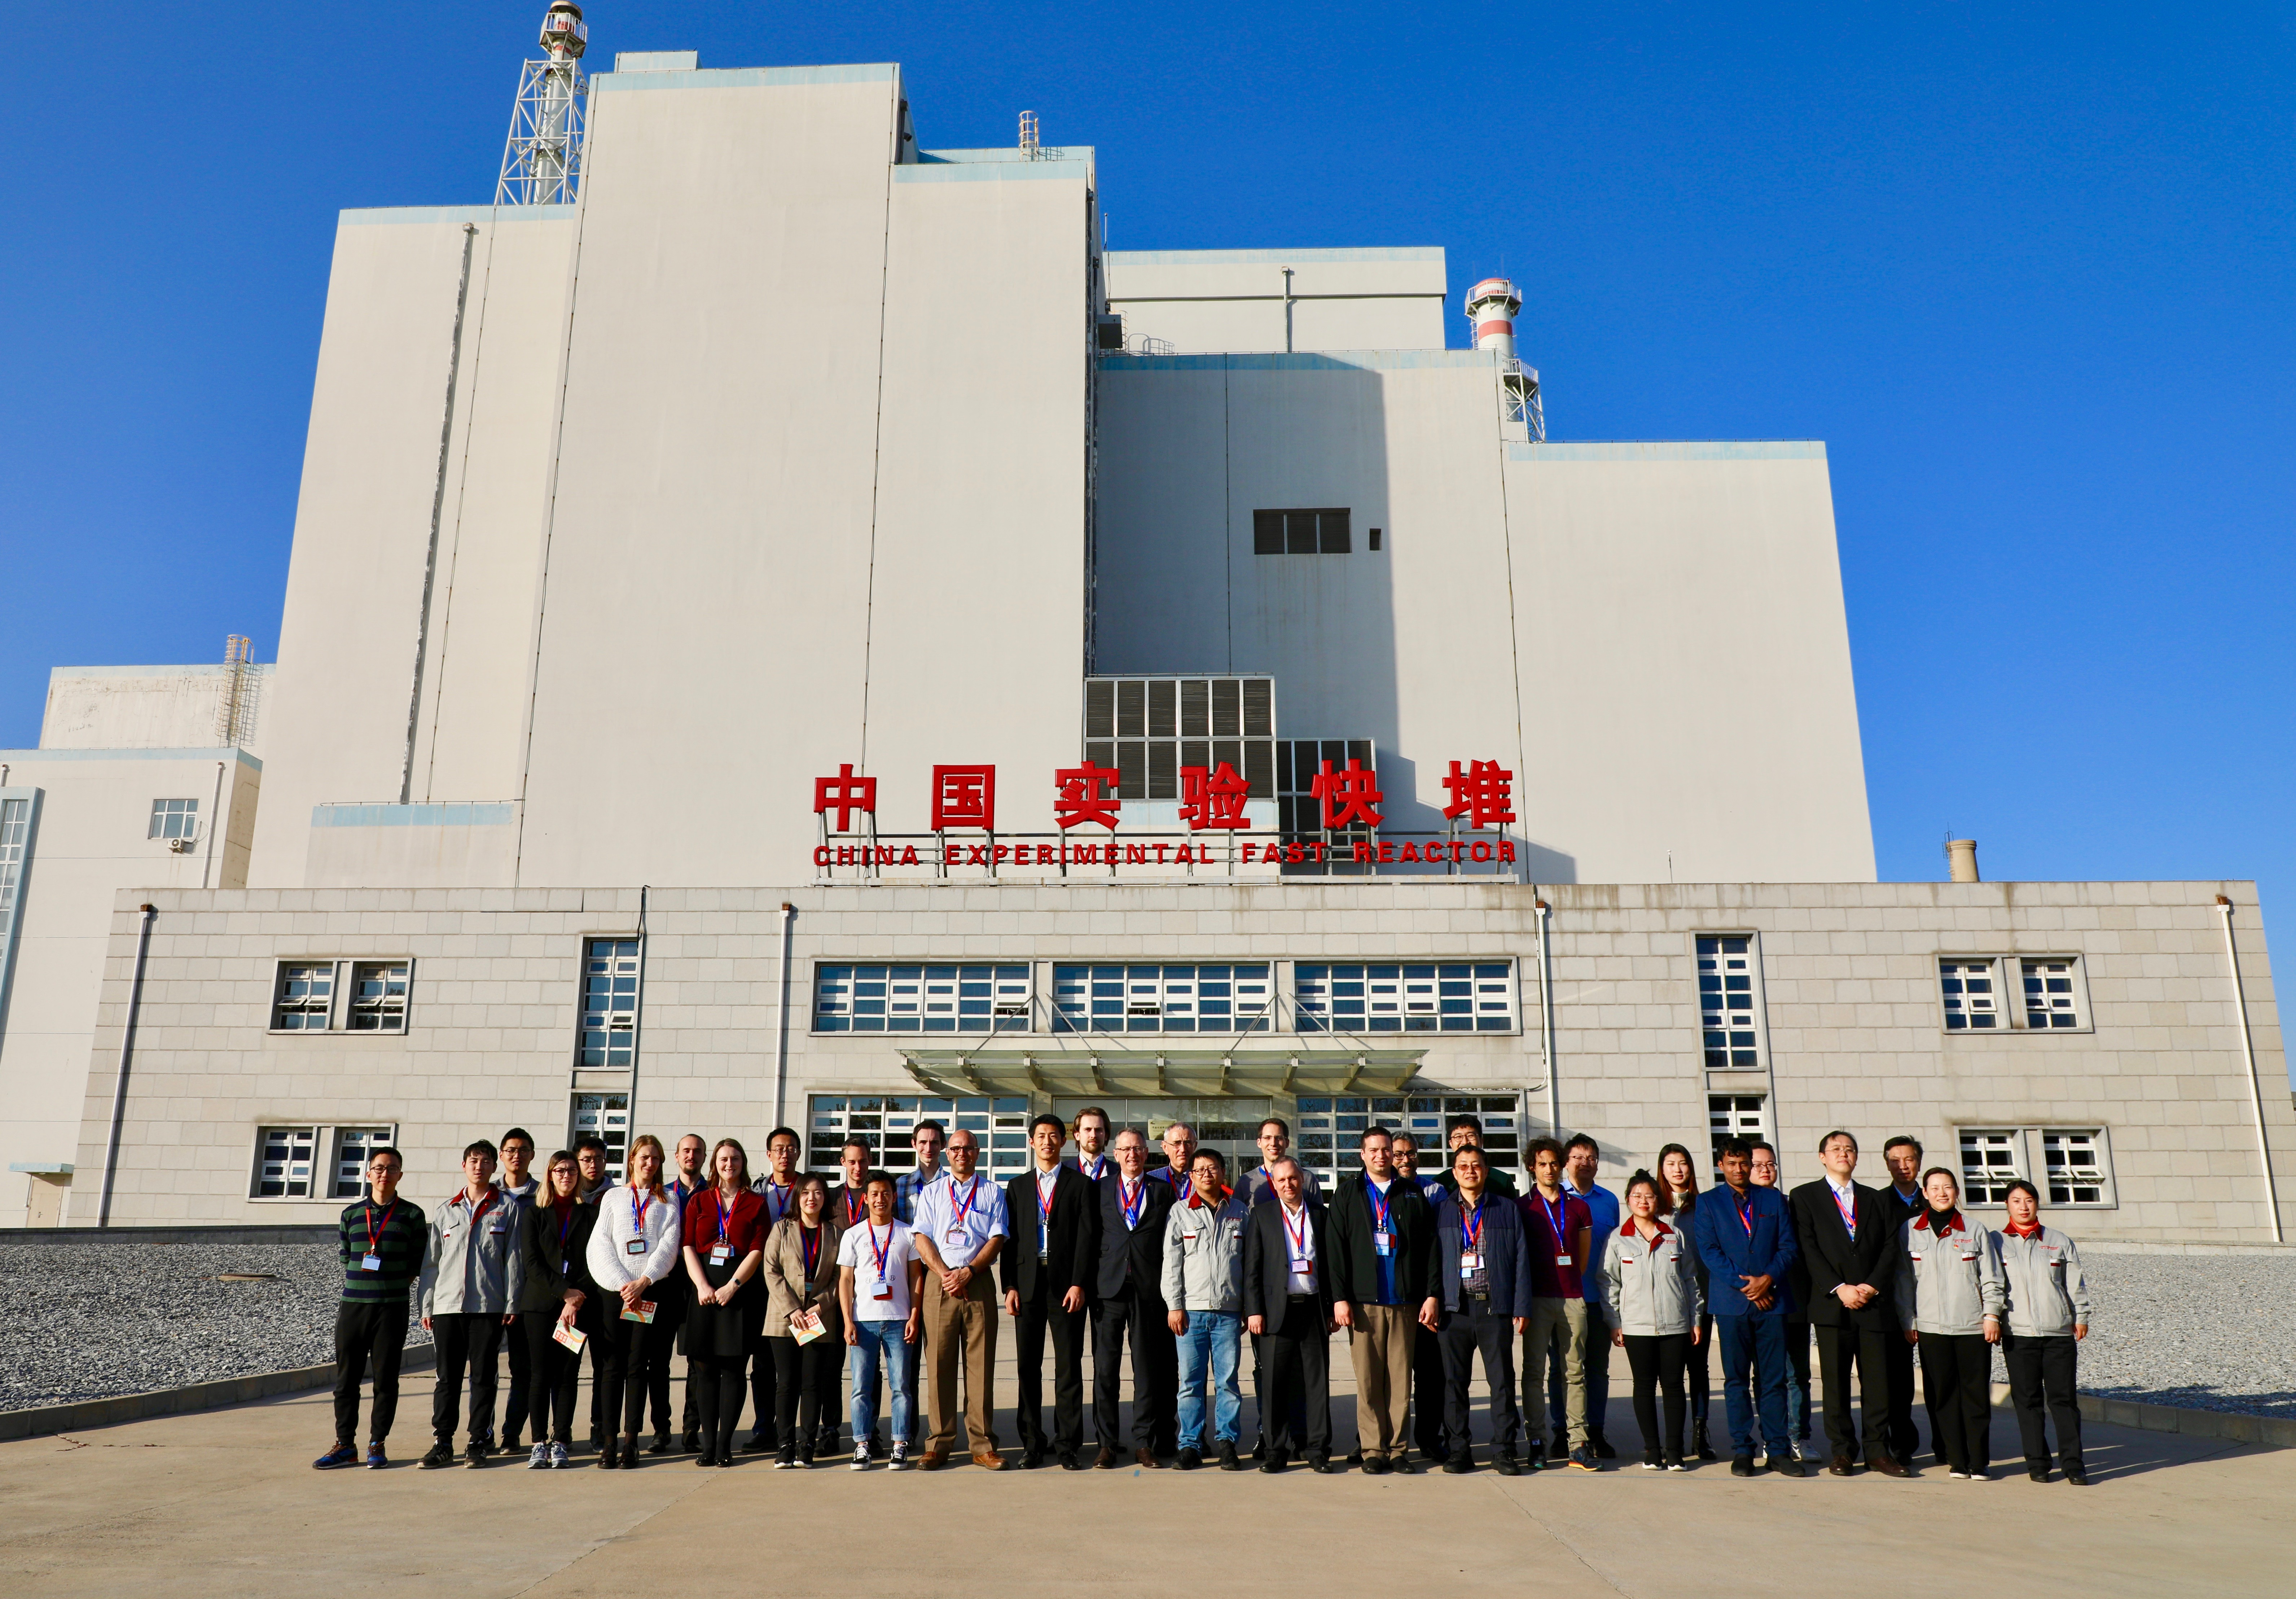 Аспірант фізтеху Максим Маловиця відвідав науково-технічні засідання у м. Пекін, Китайська Народна Республіка